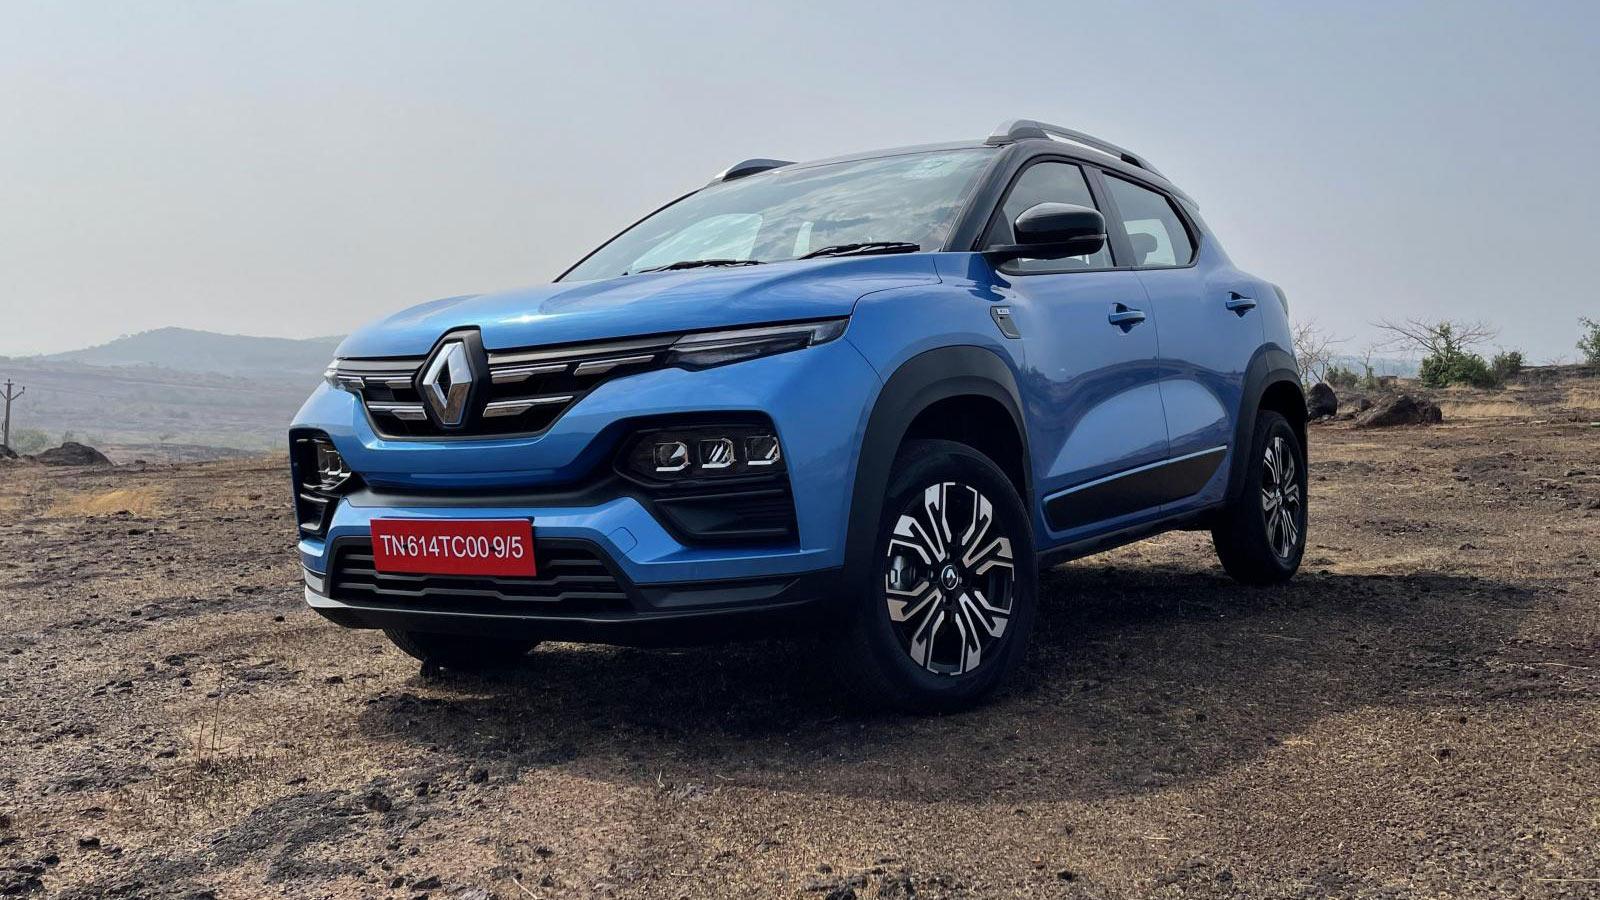 Ngày đầu mở bán, hơn 1.100 xe Renault Kiger được giao đến tay khách hàng